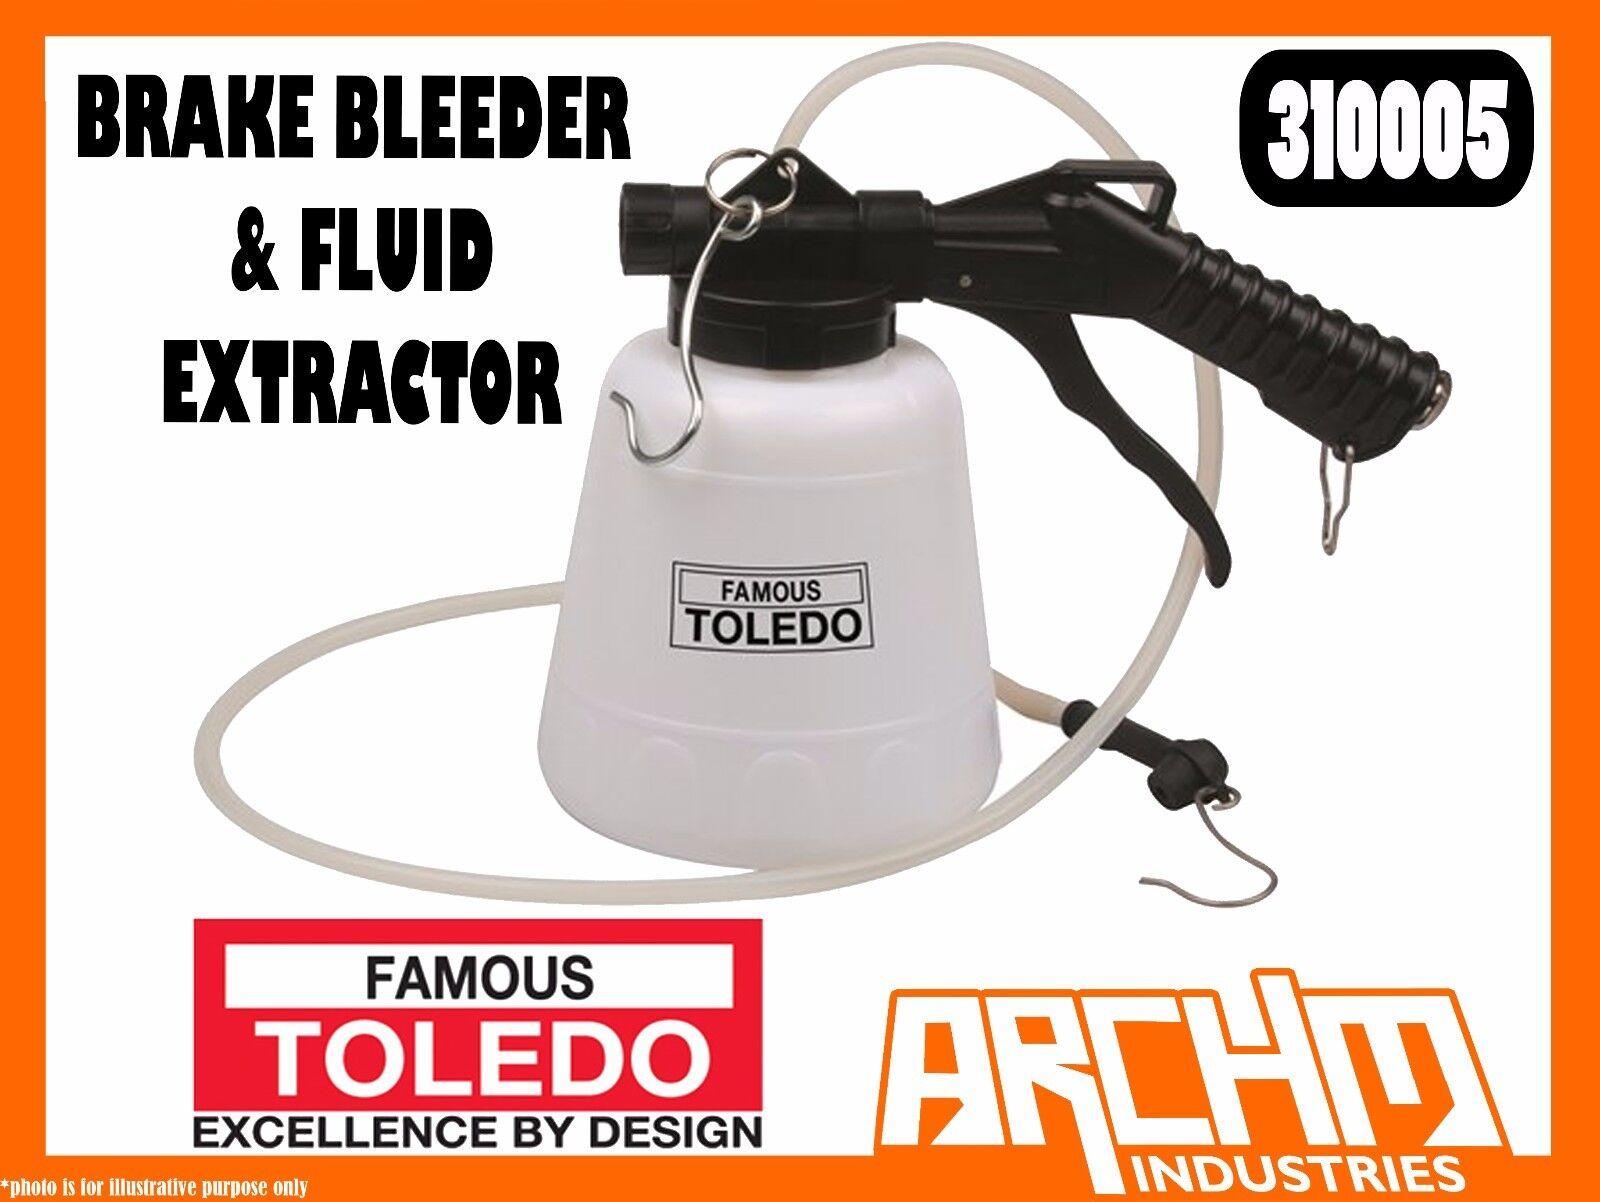 TOLEDO 310005 - BRAKE BLEEDER & FLUID EXTRACTOR - CLUTCH AIR OPERATED ADAPTOR